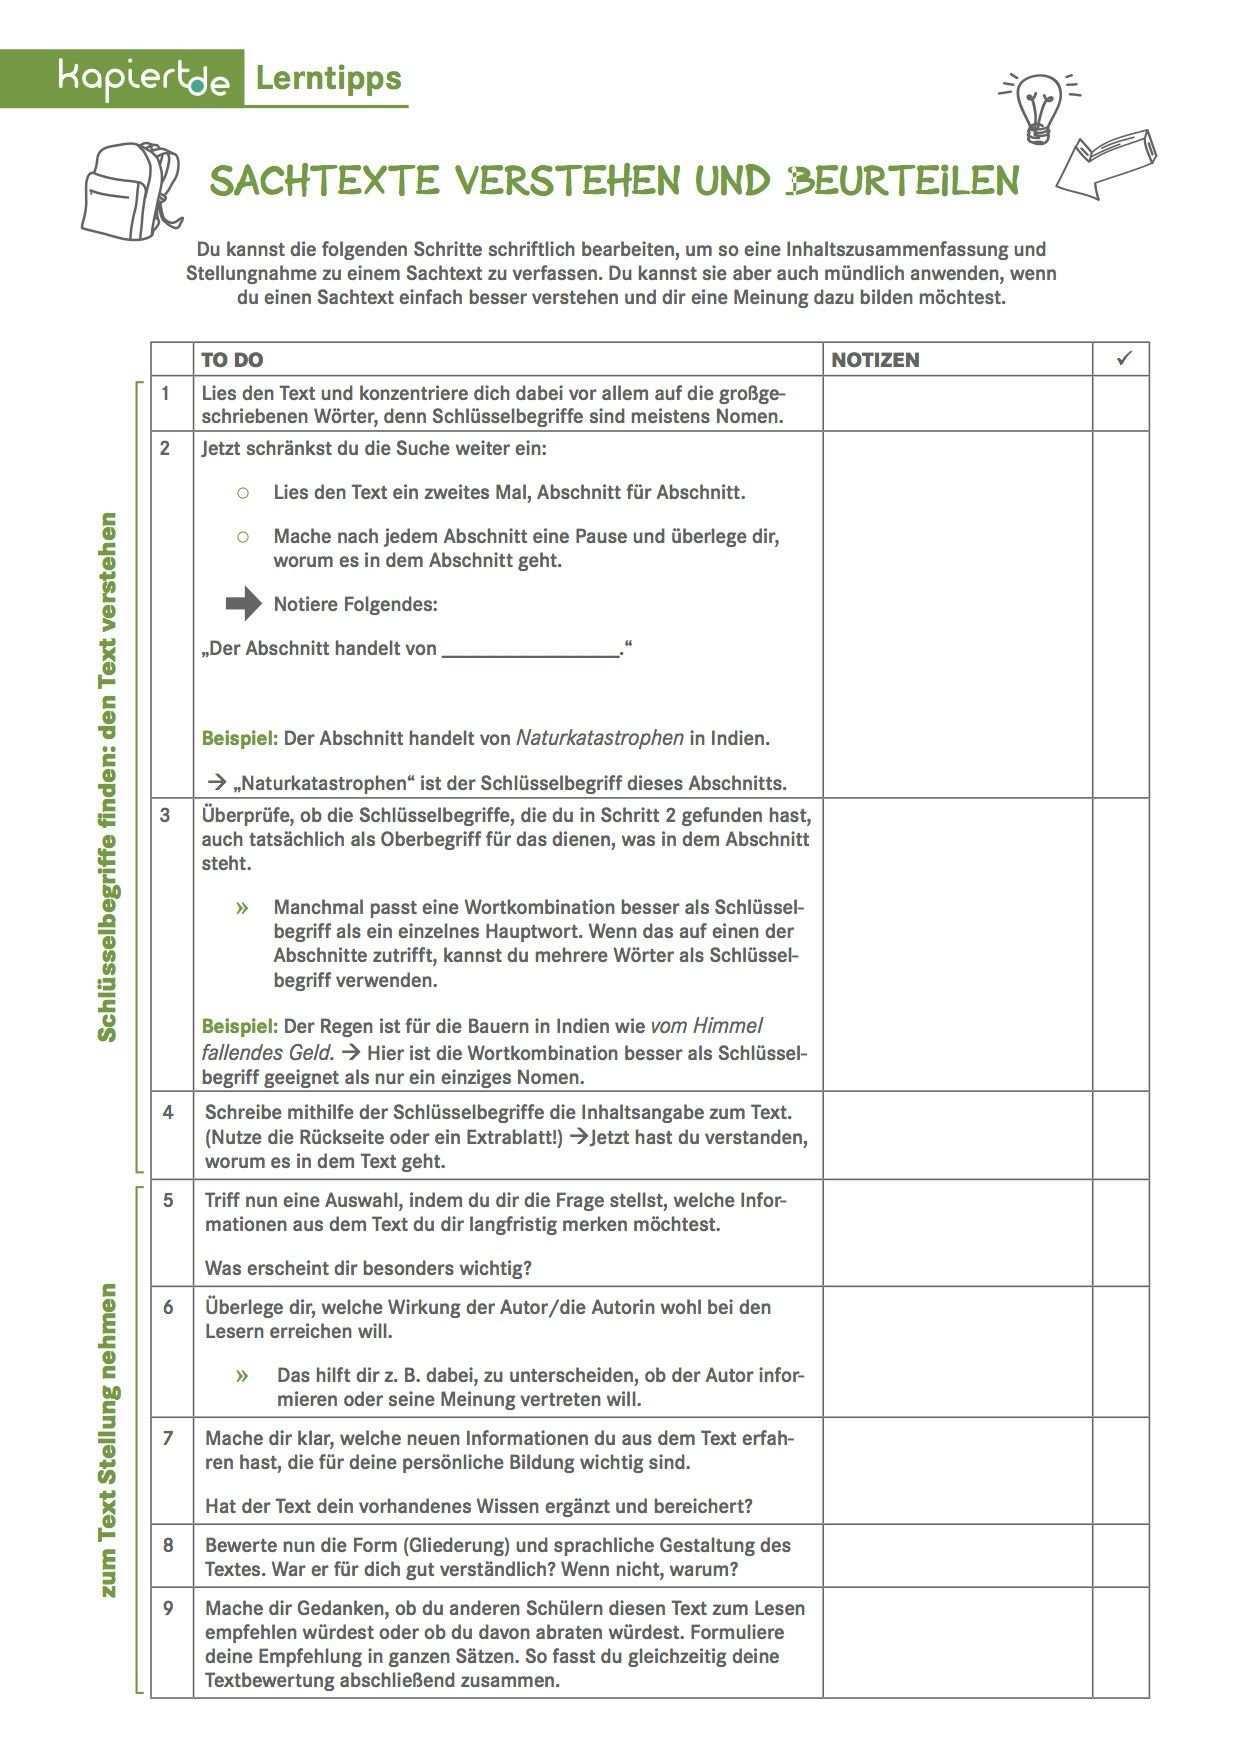 Checkliste Sachtexte Verstehen Und Beurteilen Sachtext Schreiben Lernen Organisieren Lernen